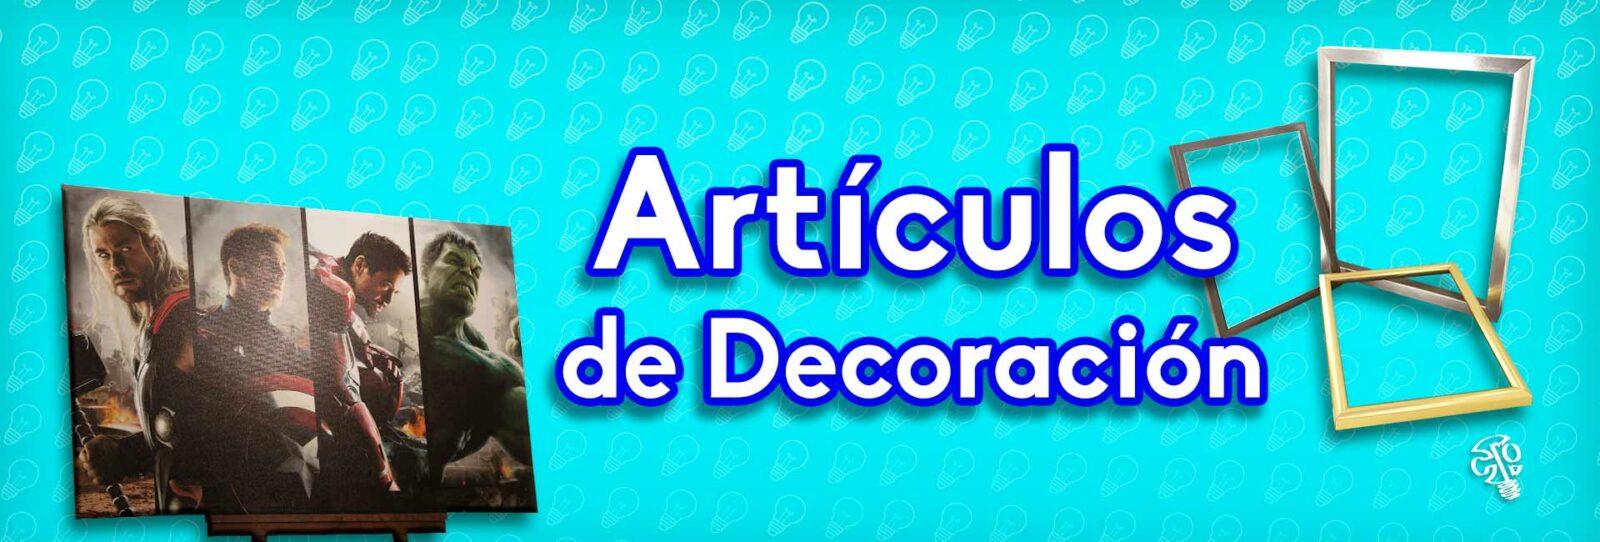 b_4_Articulos_Decoracion